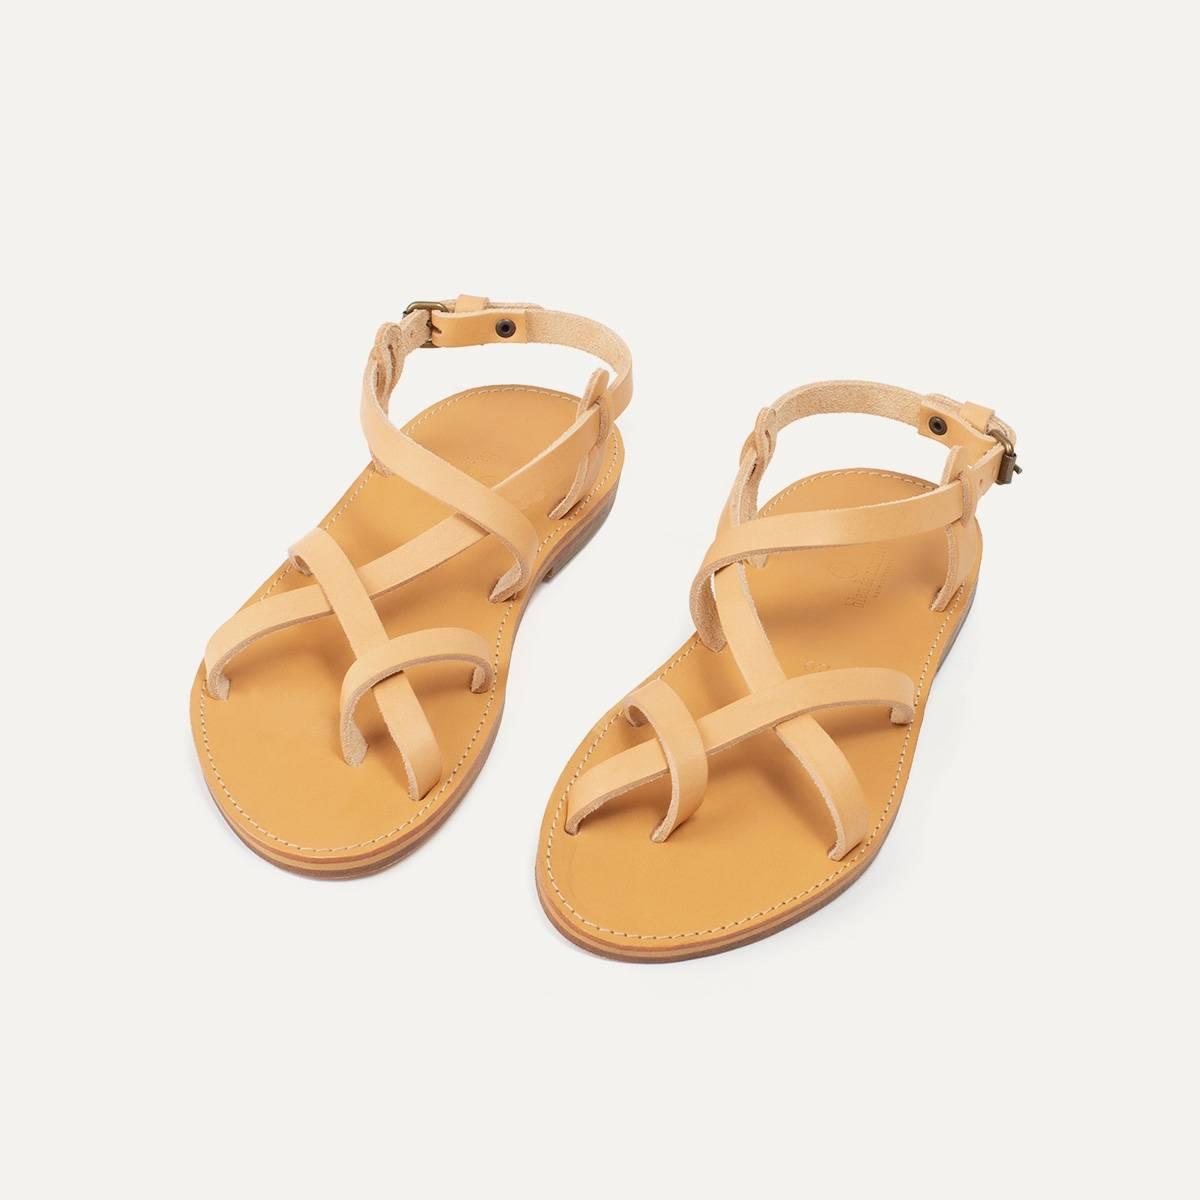 Sandales cuir Nara - Naturel (image n°5)